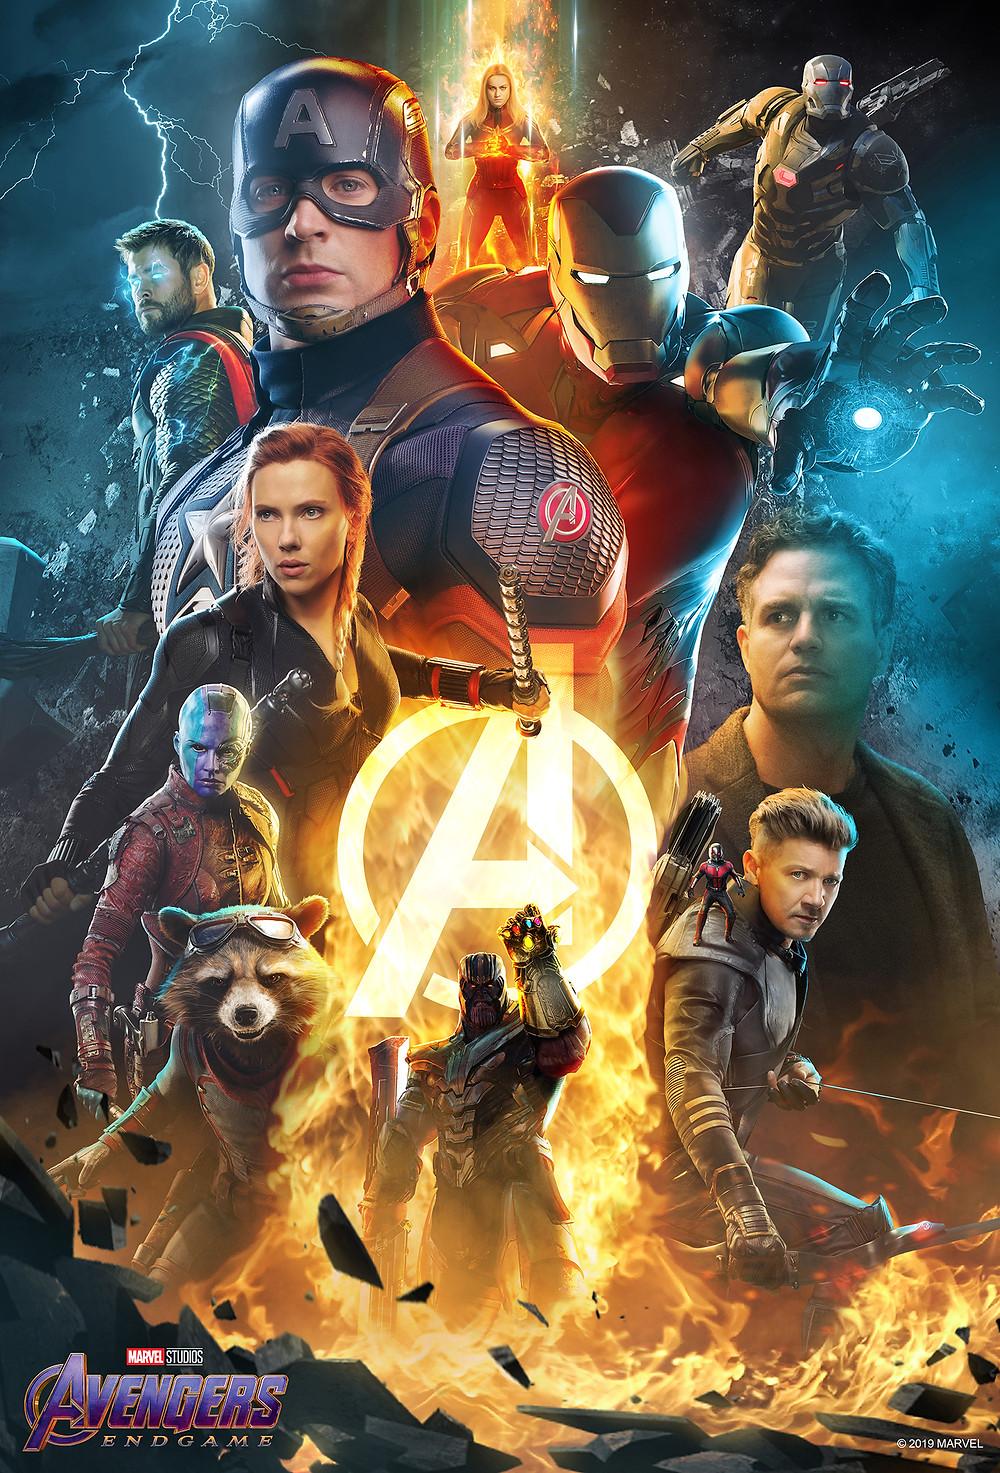 Brad R Lambert client Bosslogic Artwork for Avengers: Endgame